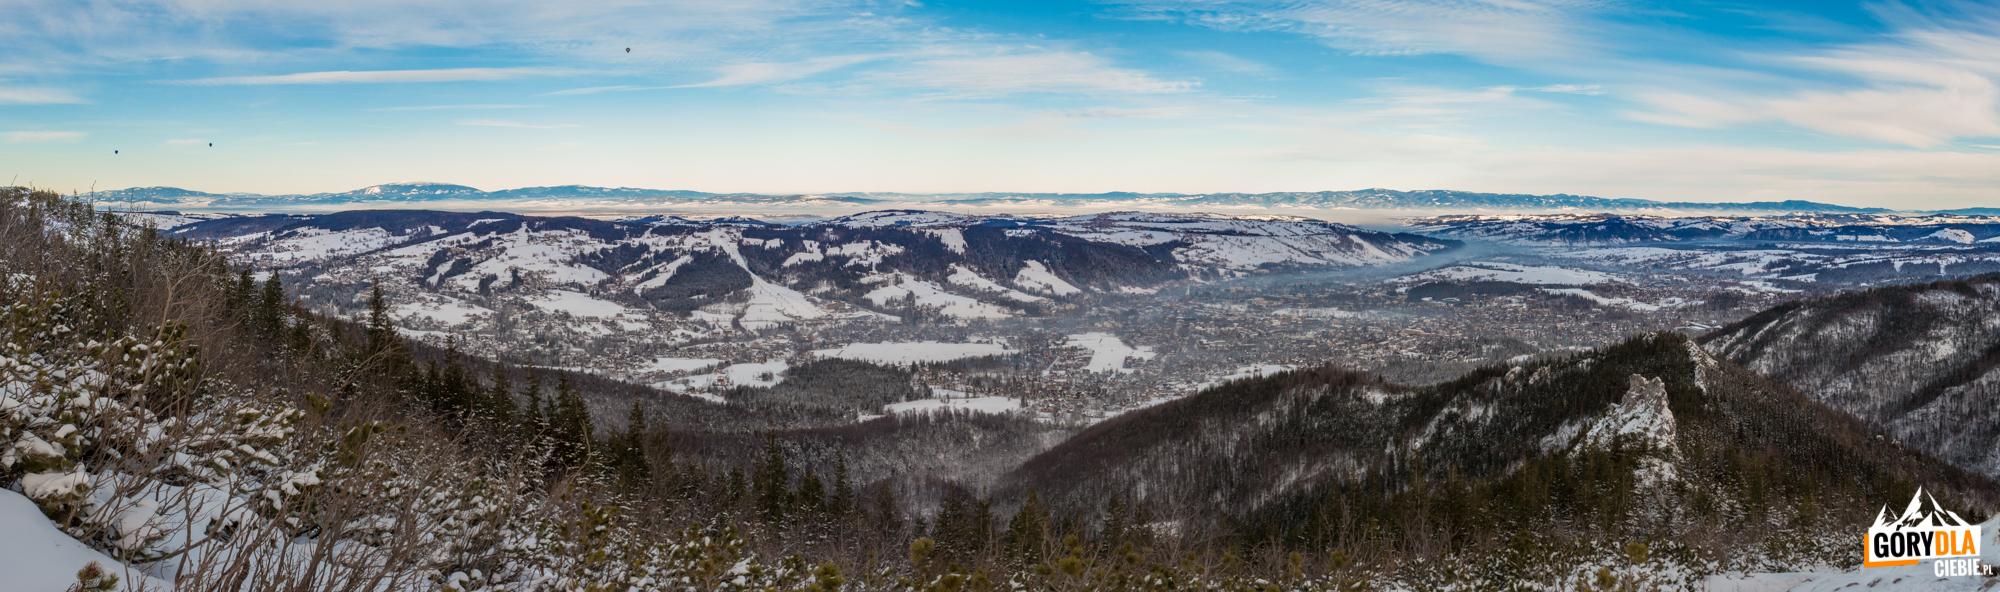 Widok zSarniej Skały (1377 m) nacałą dolinę Zakopanego, Gubałówkę, ana horyzoncie Pilsko, Babią Górę, Police, całe pasmo Gorców iPieniny